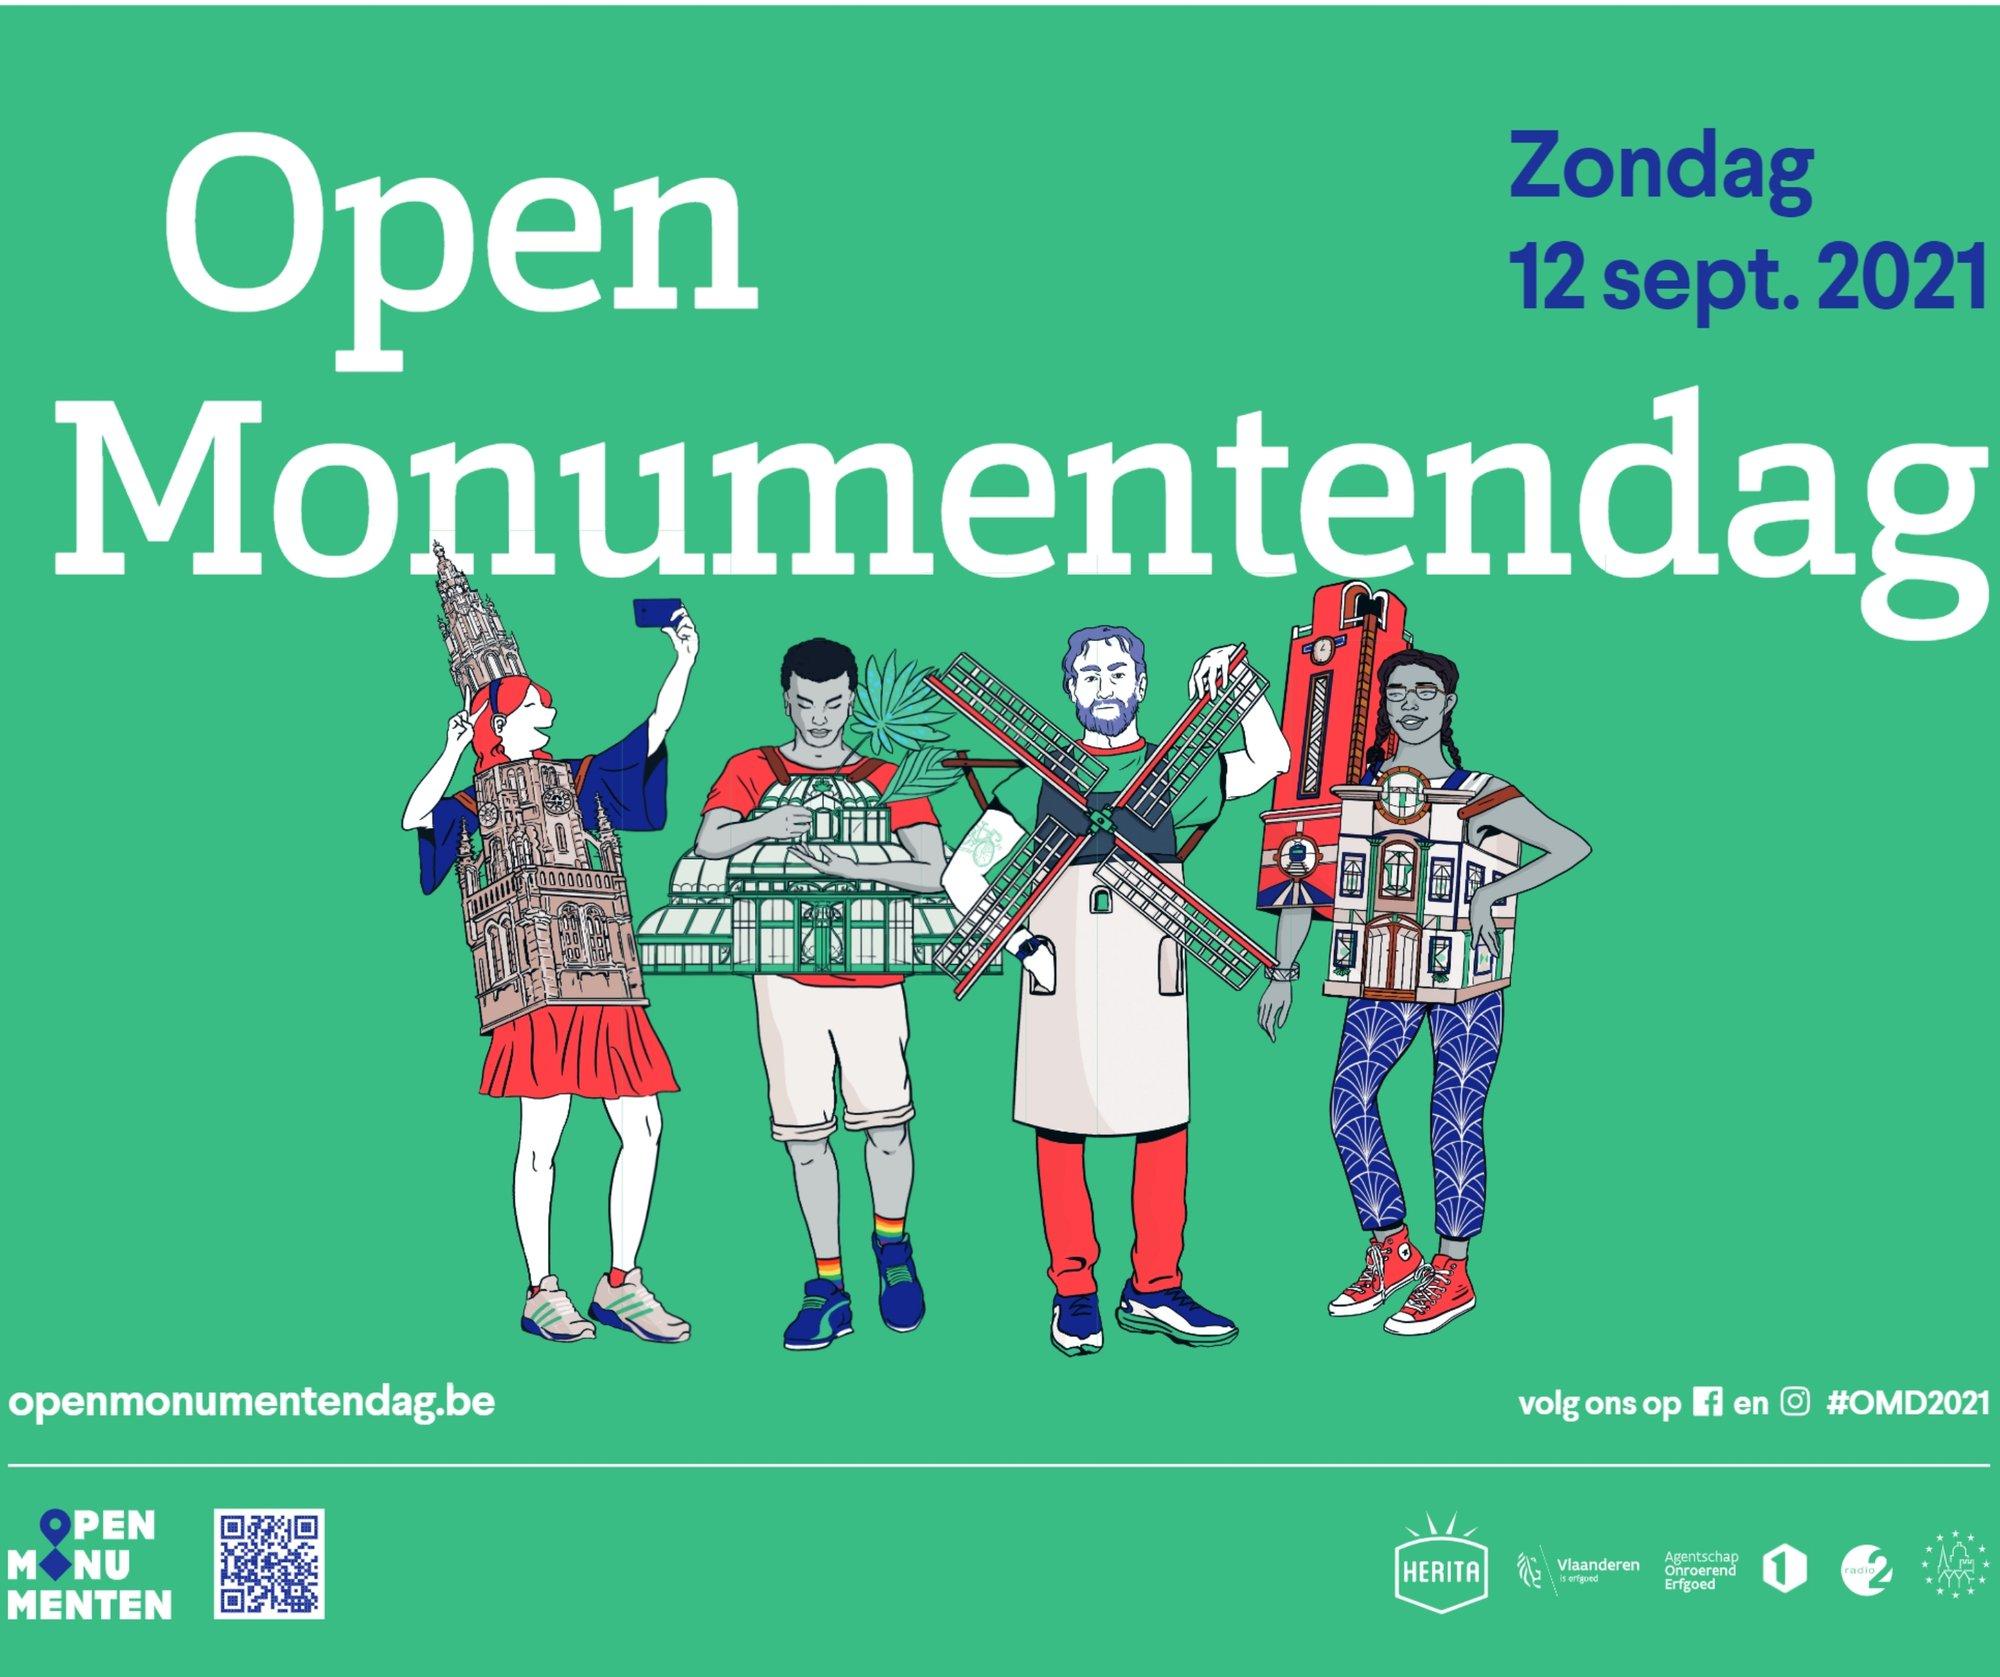 Open Monumentendag: de stad Lier zoekt onthaalvrijwilligers!